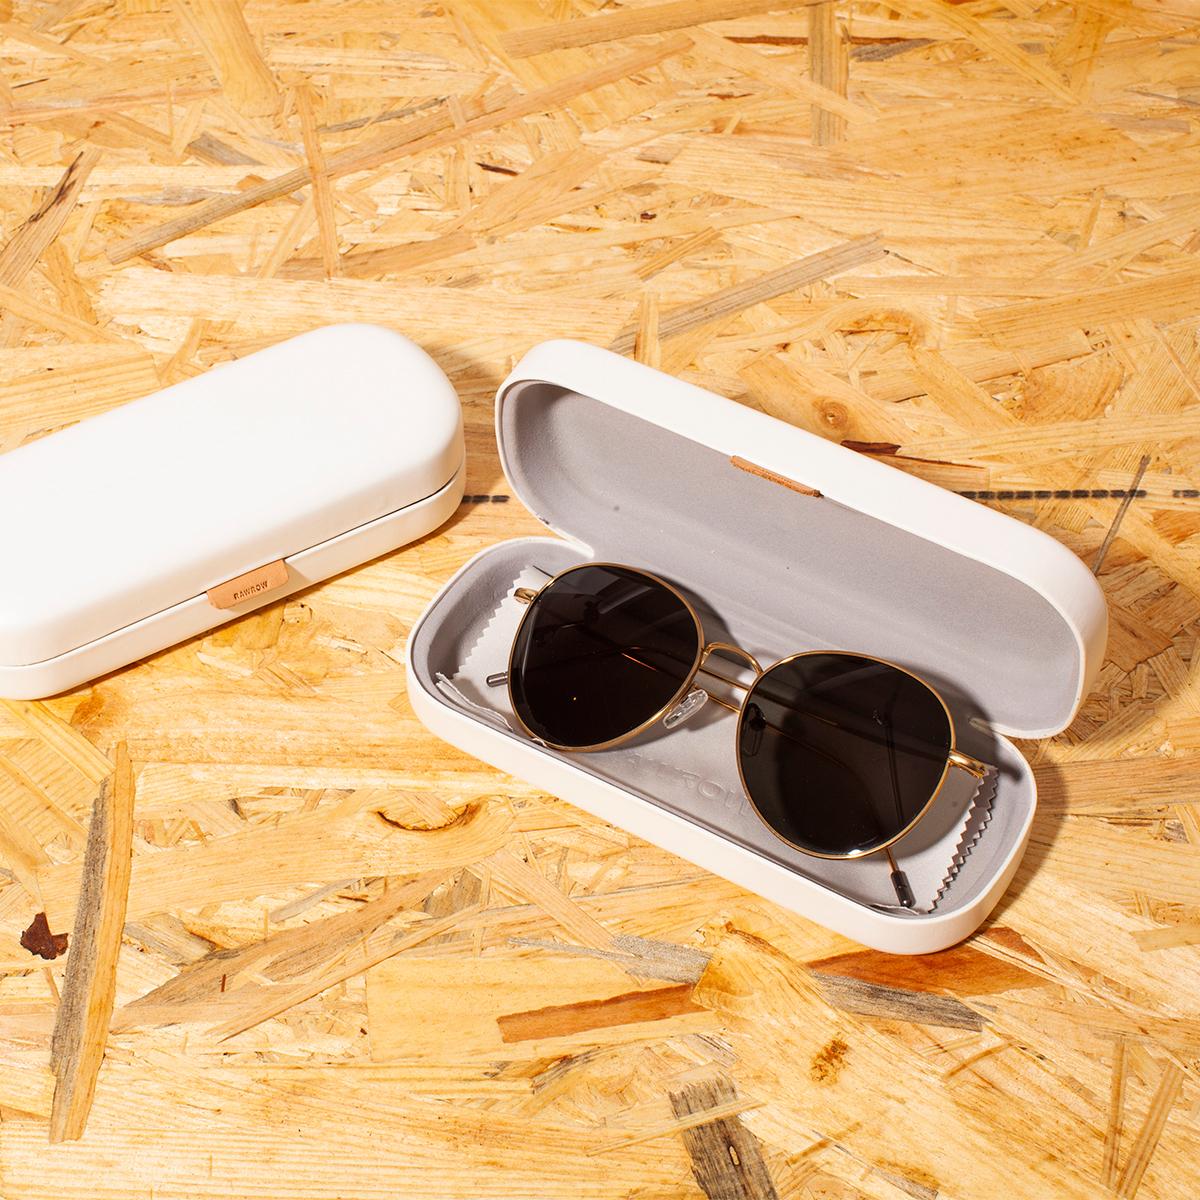 サングラス選びの3条件 《MEDIUM/レンズ幅51mm》風船で浮くほど軽い、フィット感抜群、踏んでも元に戻るβチタンフレームのサングラス RAWROW R SUN 300